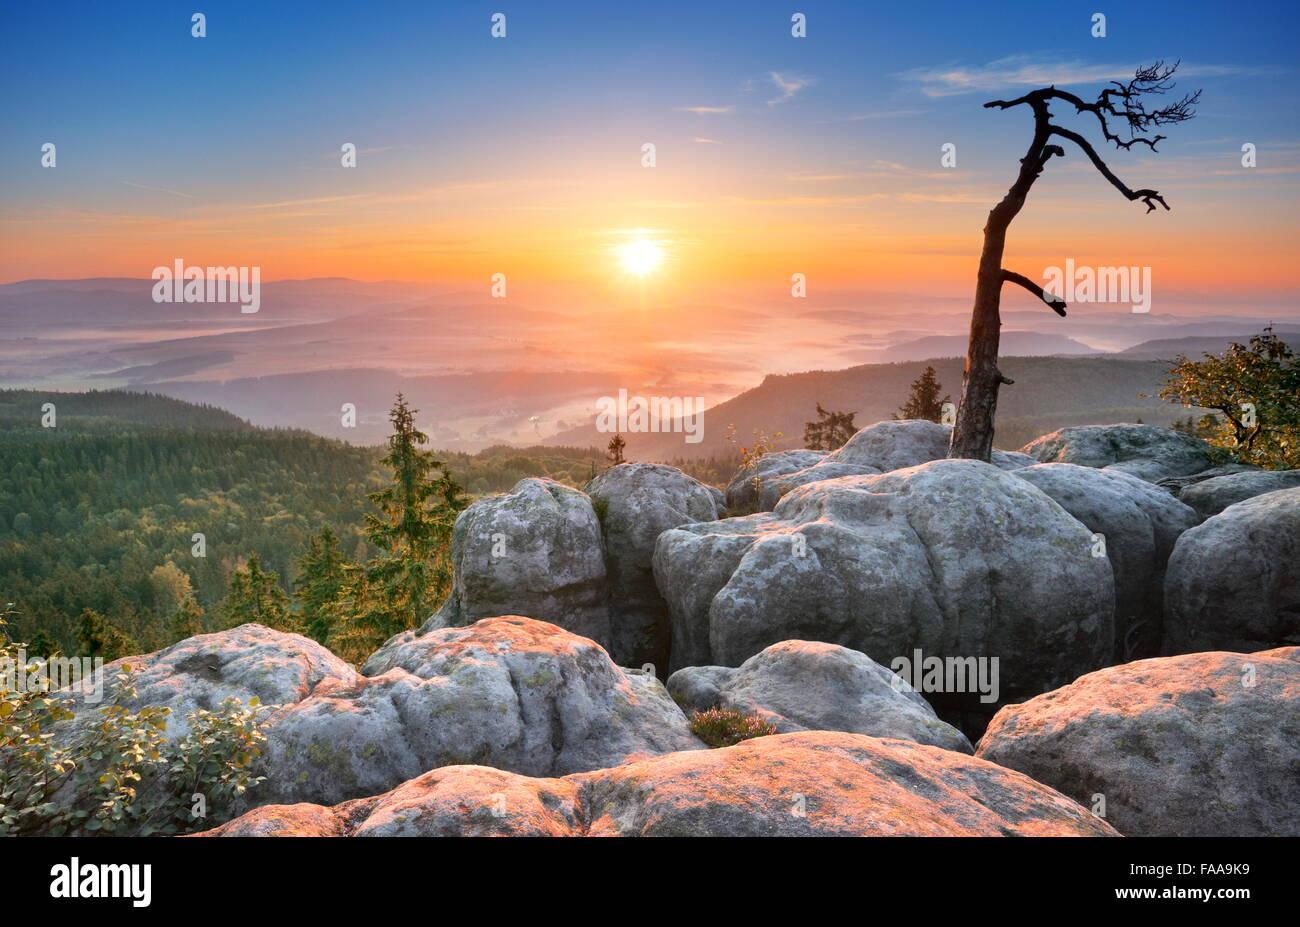 Solo unico paesaggio albero a Sudety montagne di sunrise, parco nazionale, Polonia Immagini Stock